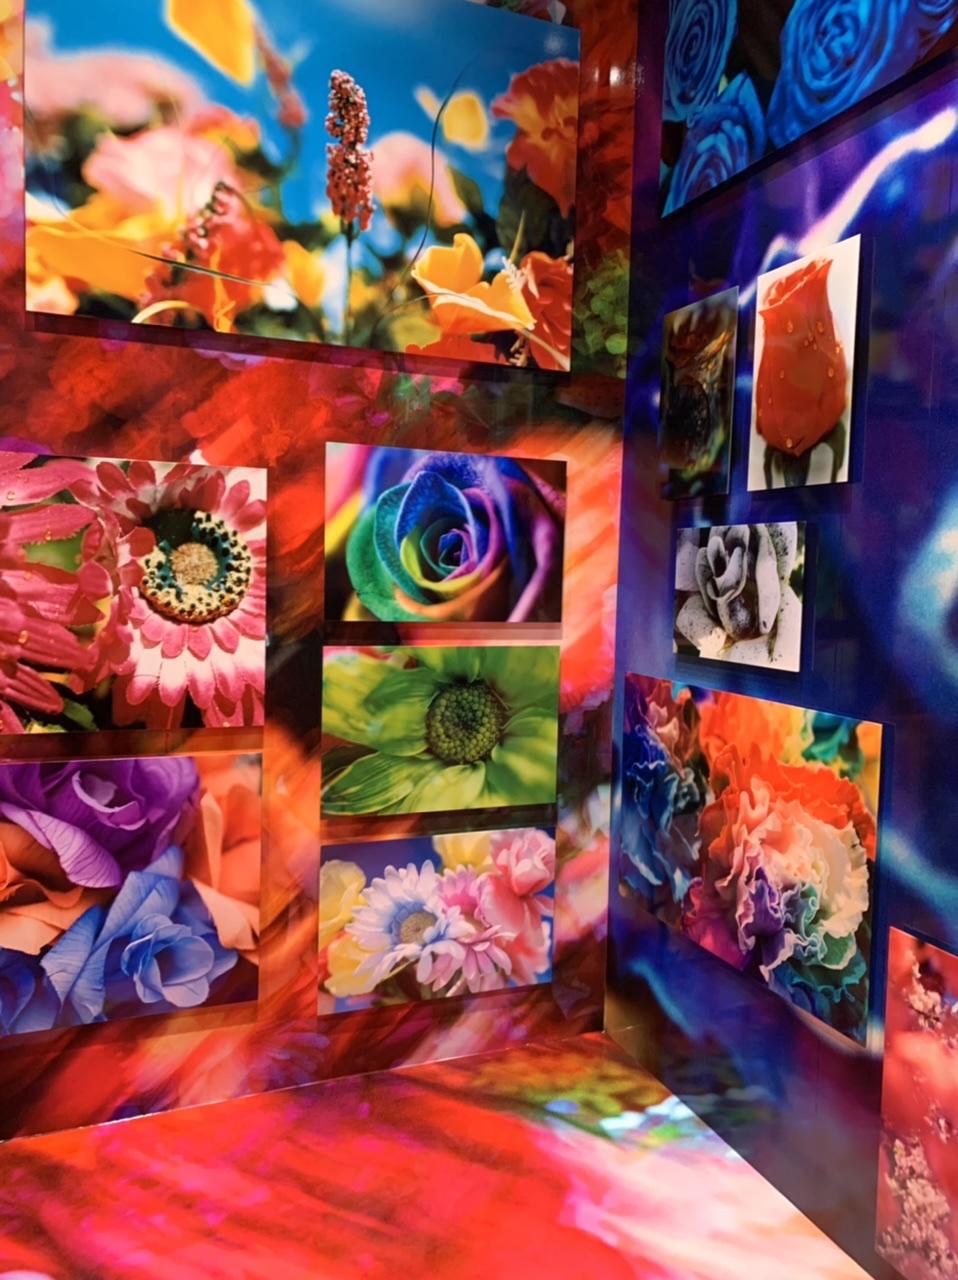 11/14(日)まで!上野の森美術館で開催中の蜷川実花展に行ってきました!_5